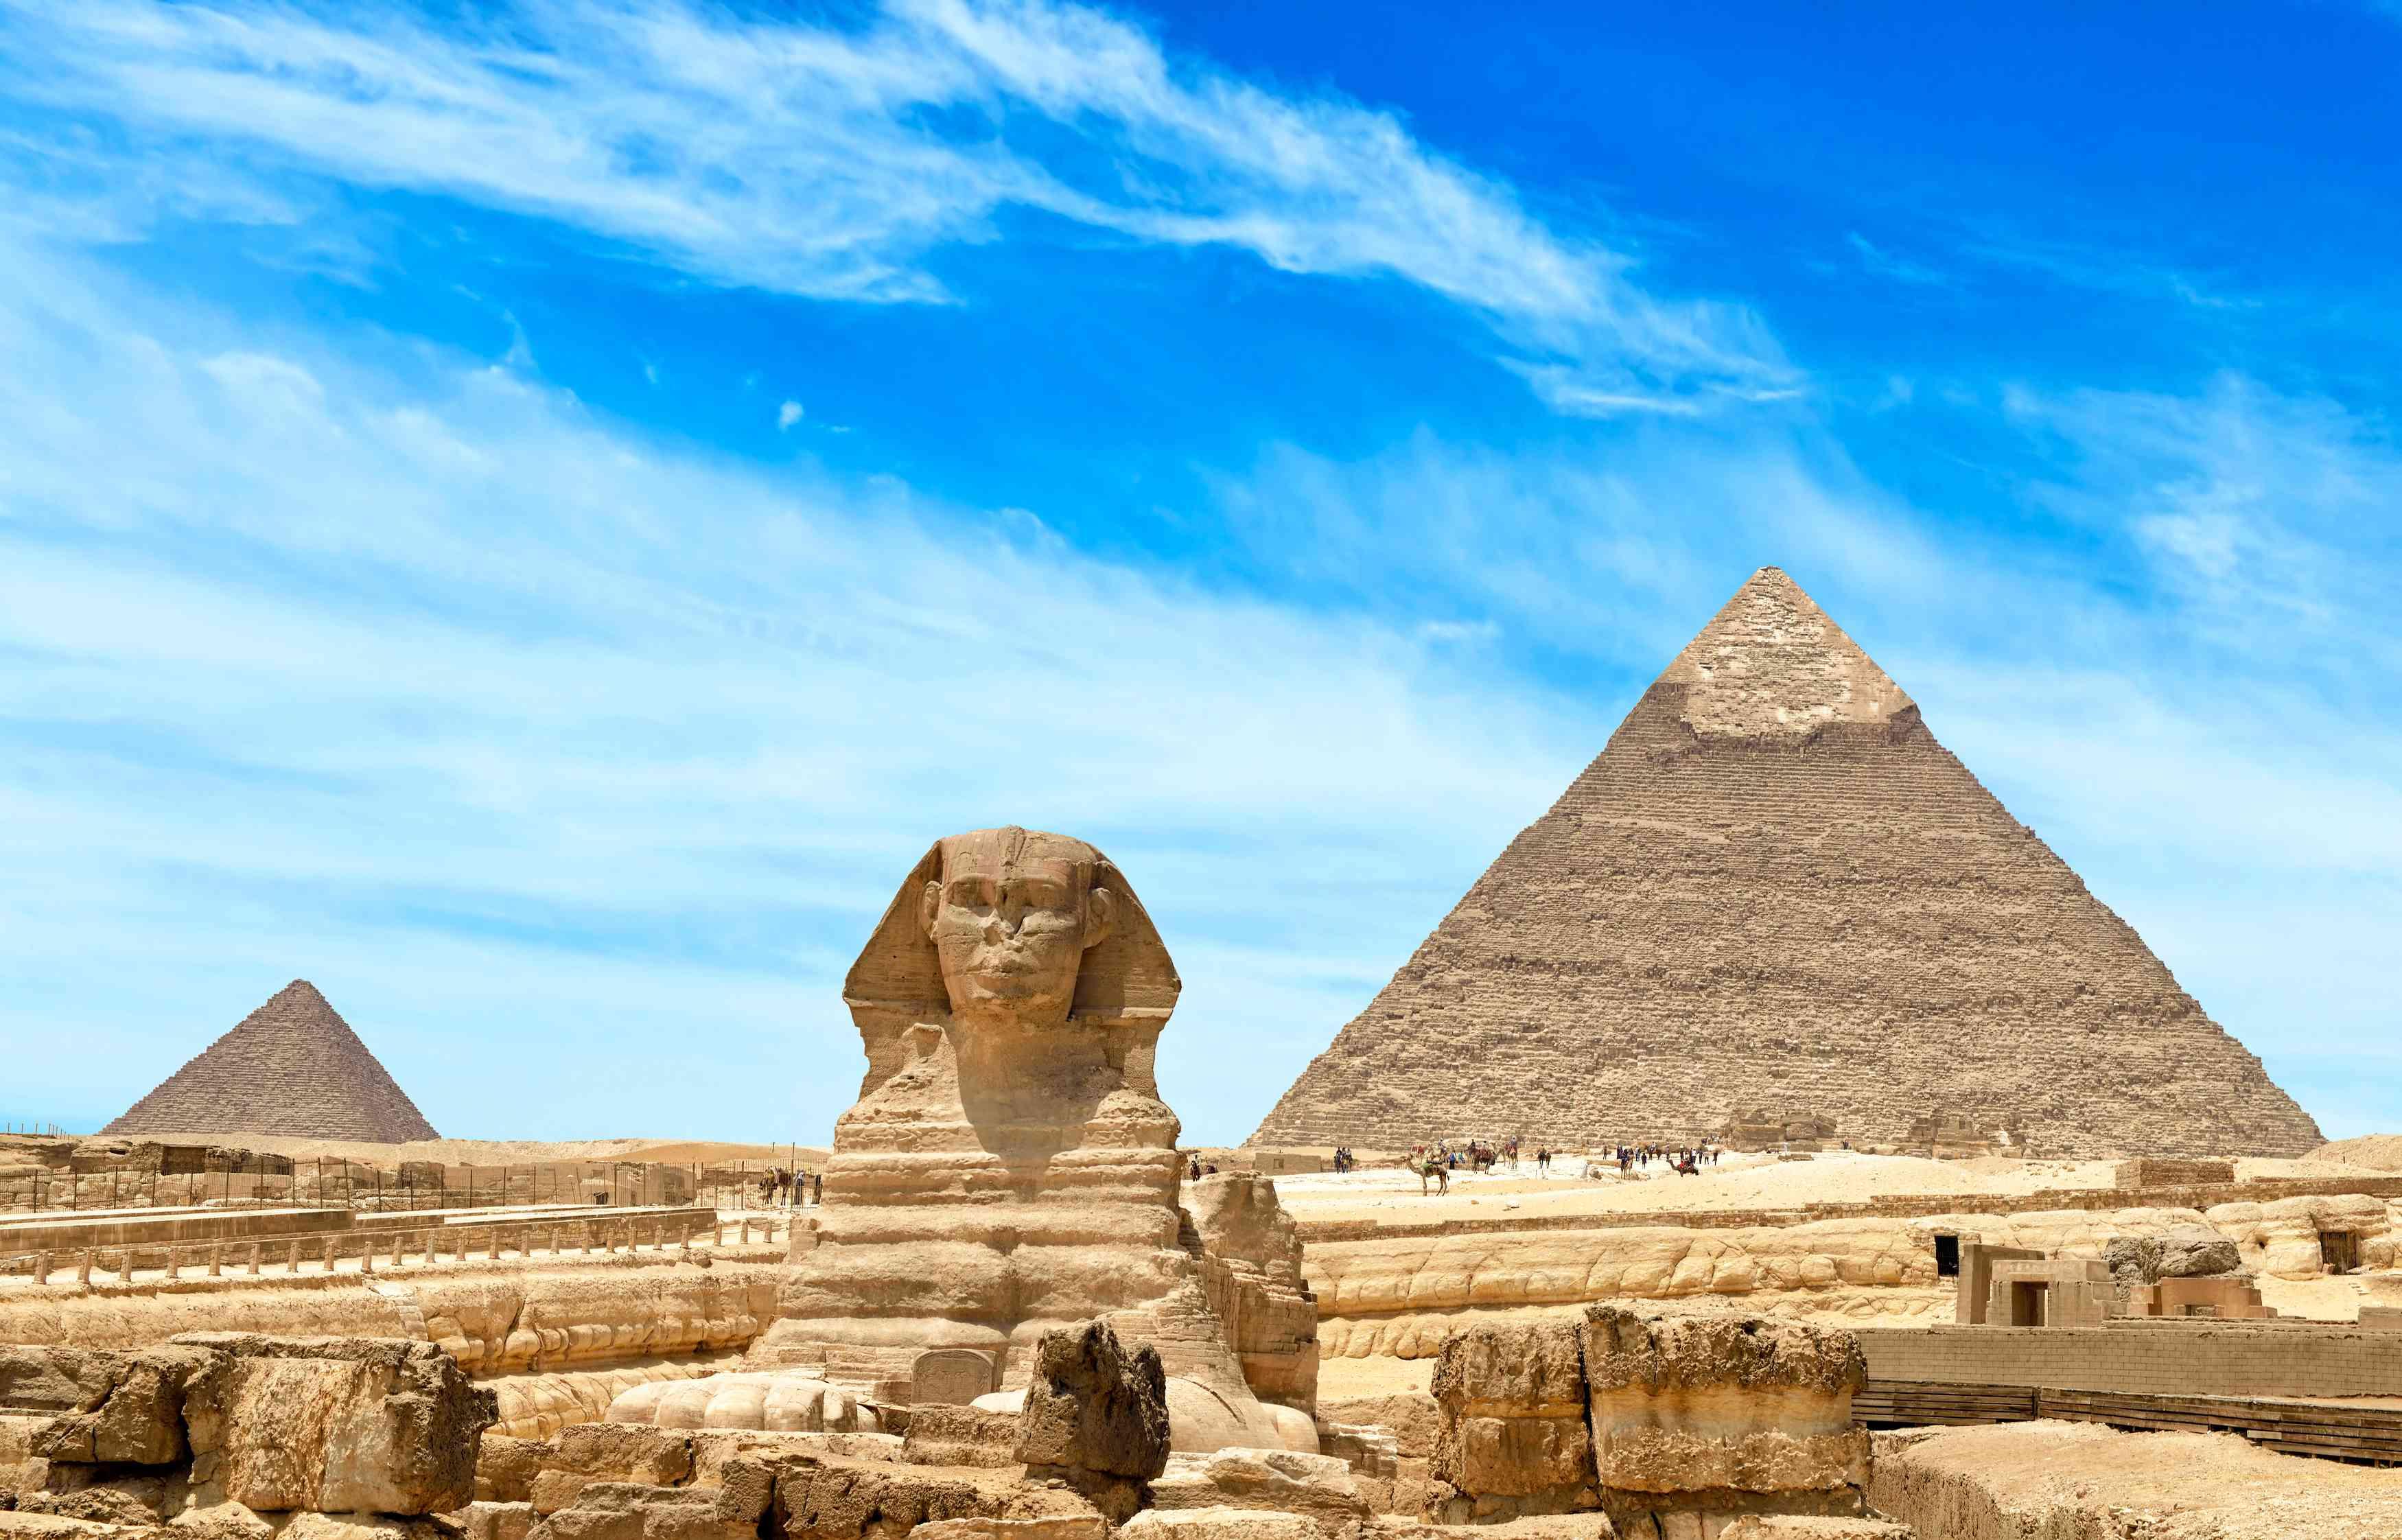 Pyramiden und Sphinx von Gizeh in Kairo, Ägypten